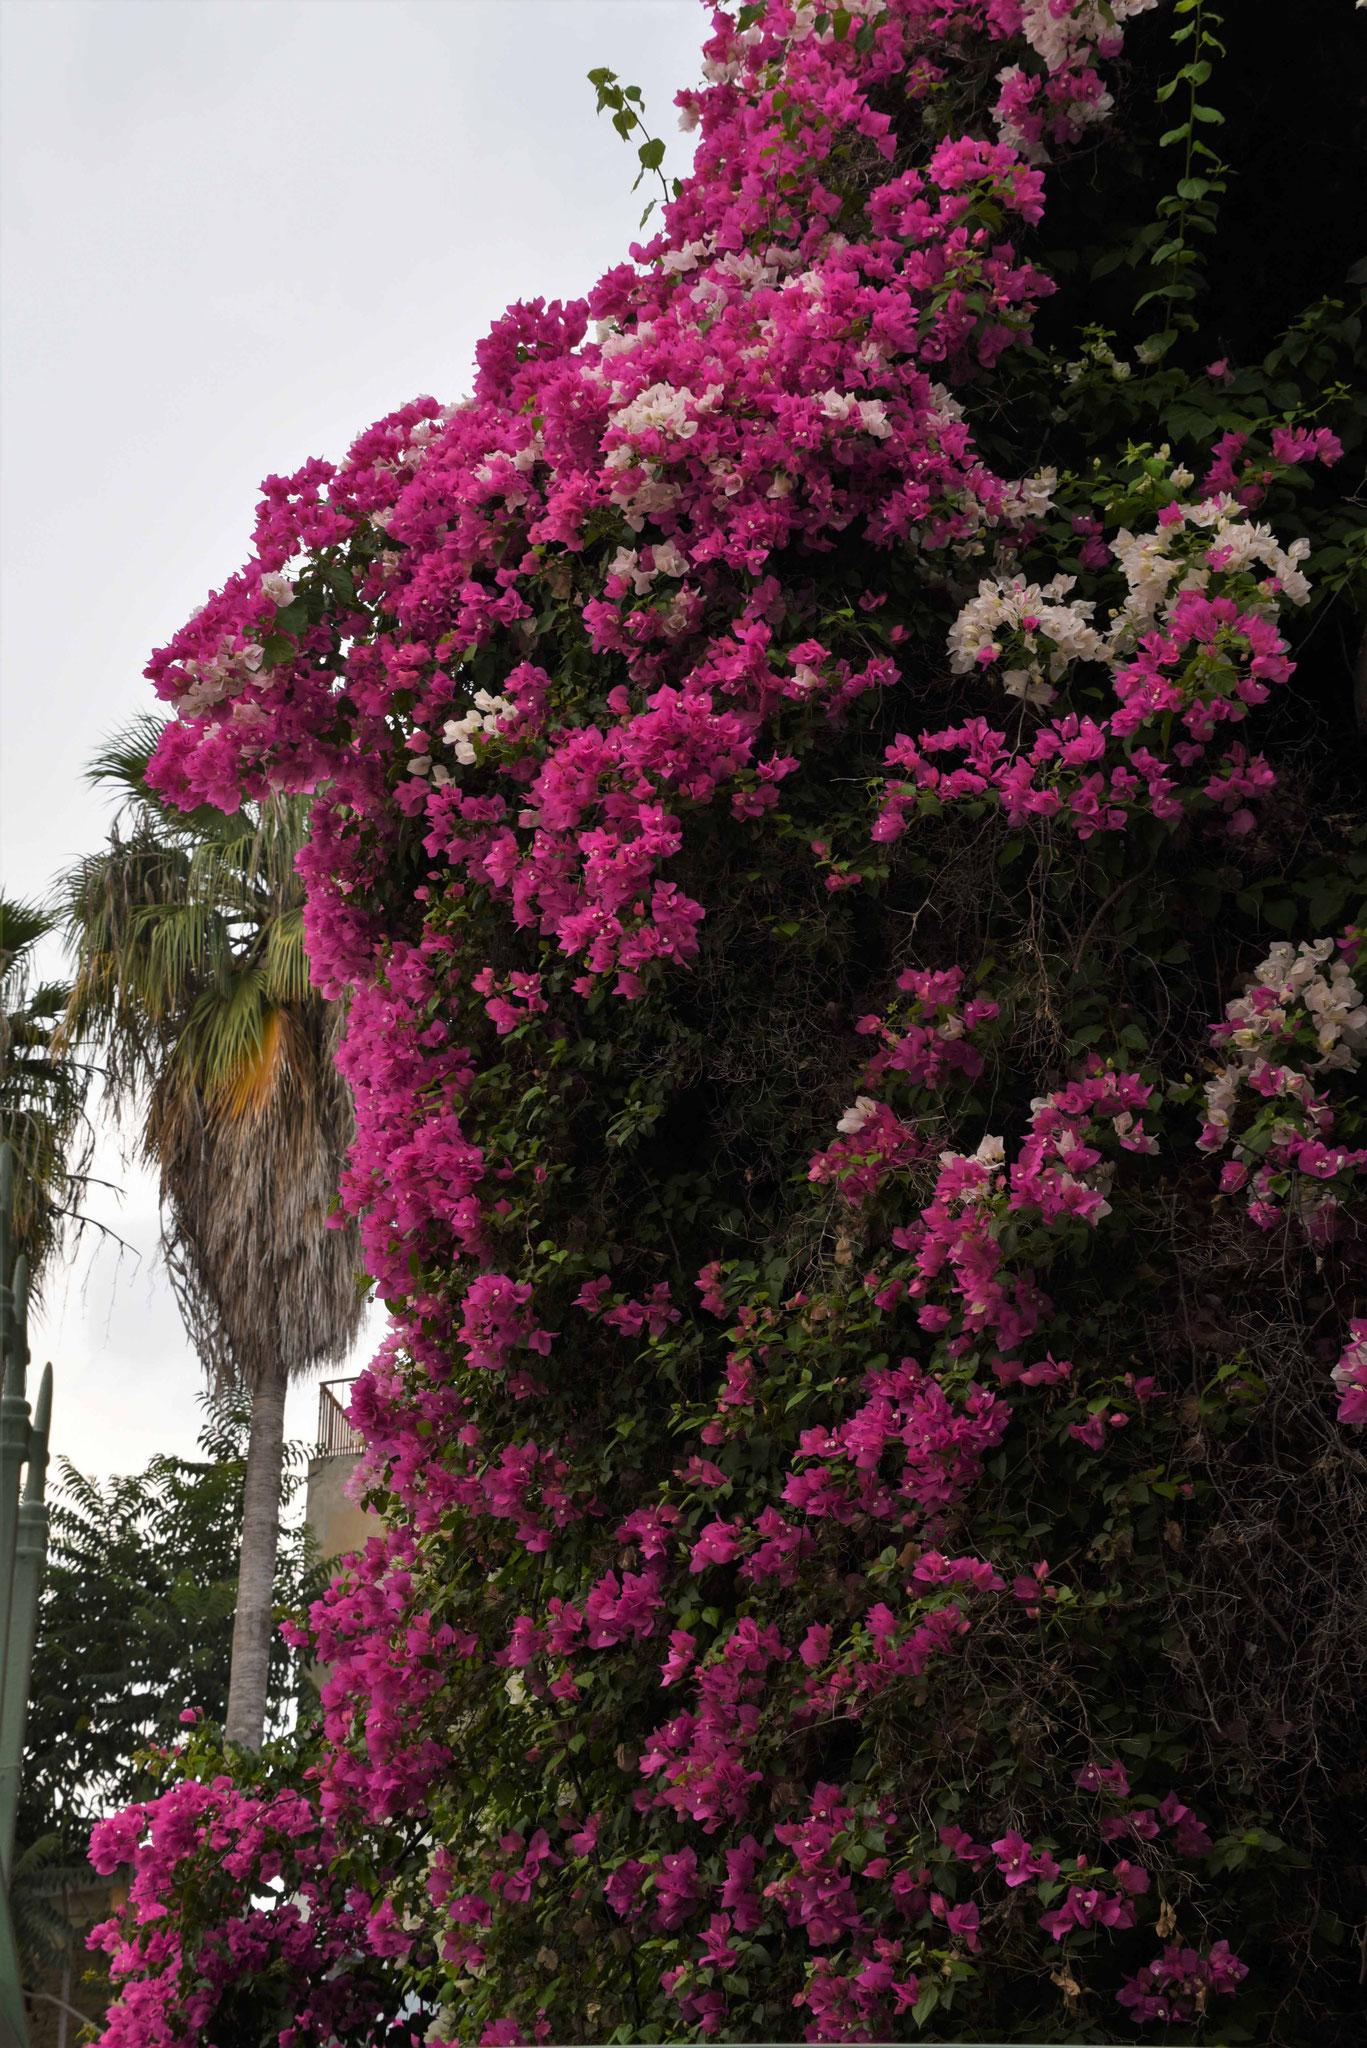 Schöne Bäume und Büsche findet man immer wieder